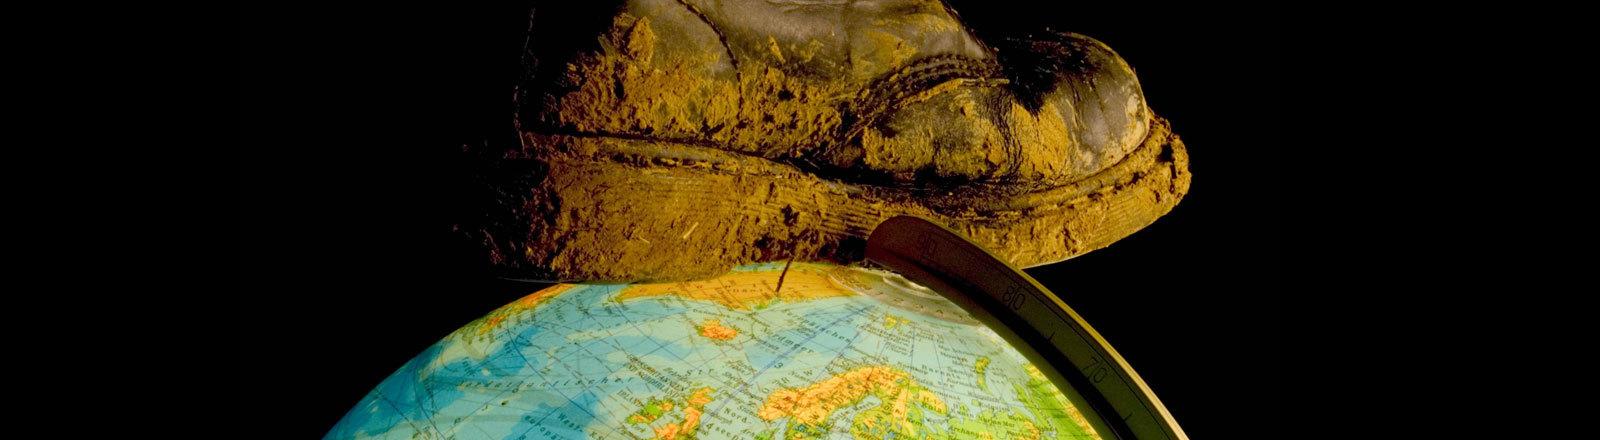 Stiefel tritt auf Globus.